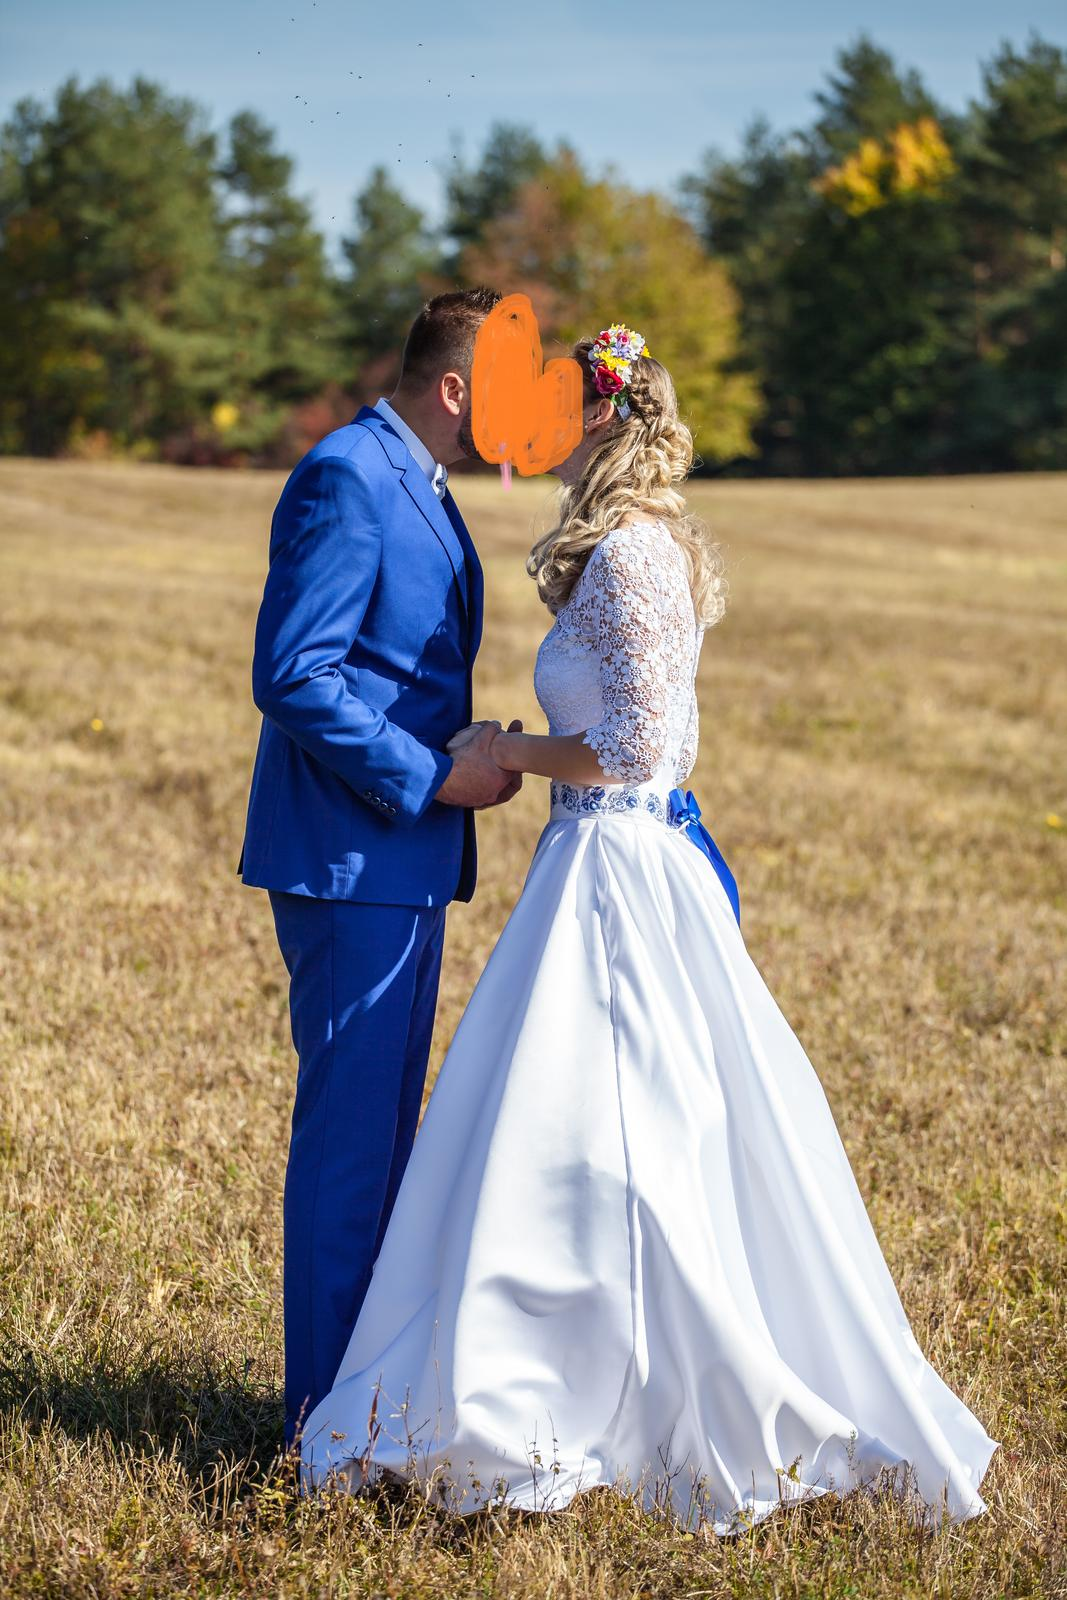 Ariamo Bridal Doris svadobne saty - Obrázok č. 1